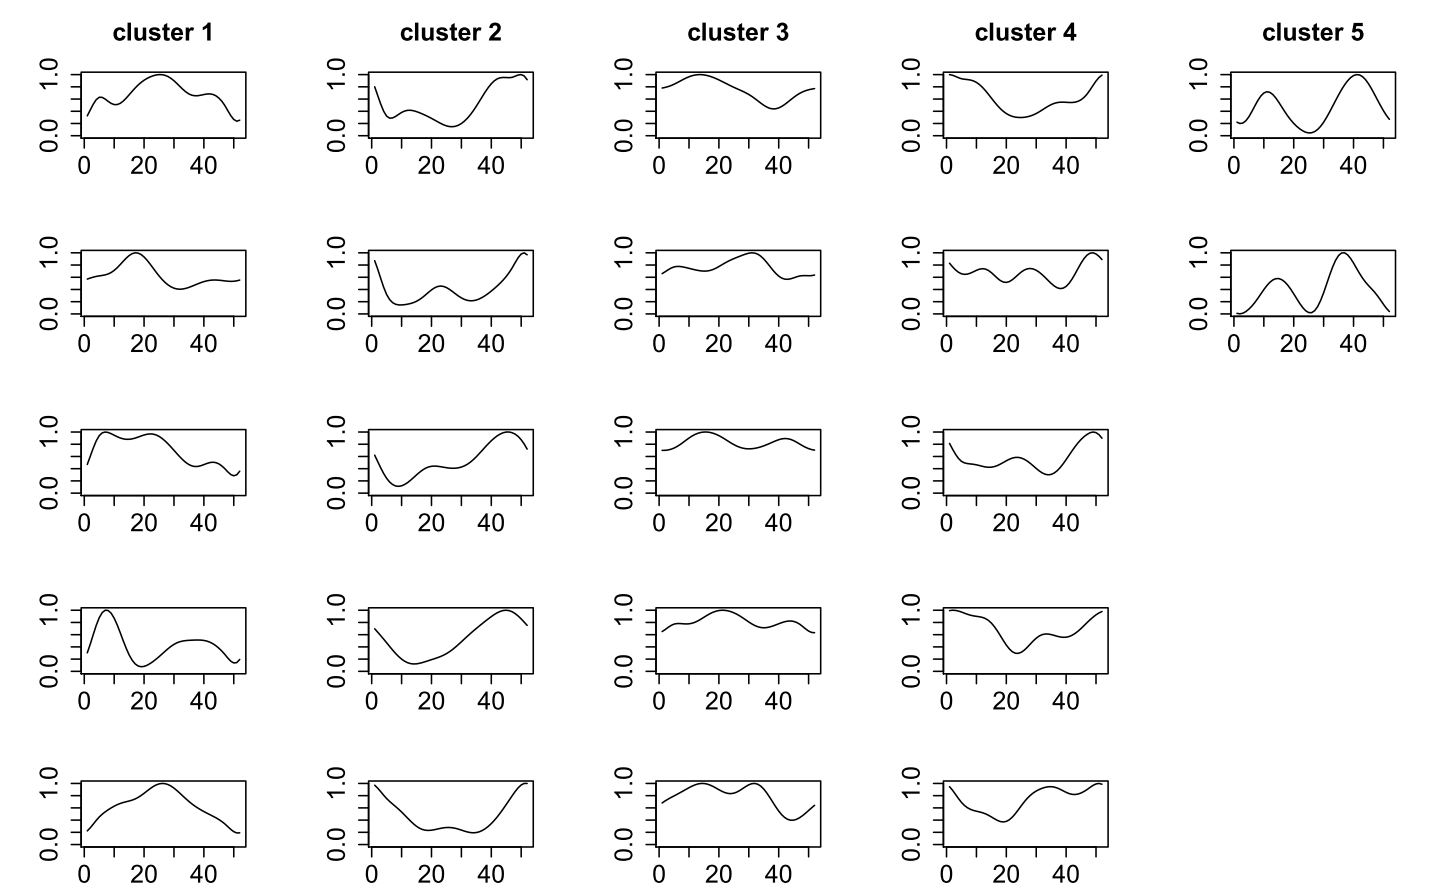 Jeweils 5 Beispiel-Zeitreihen pro Cluster